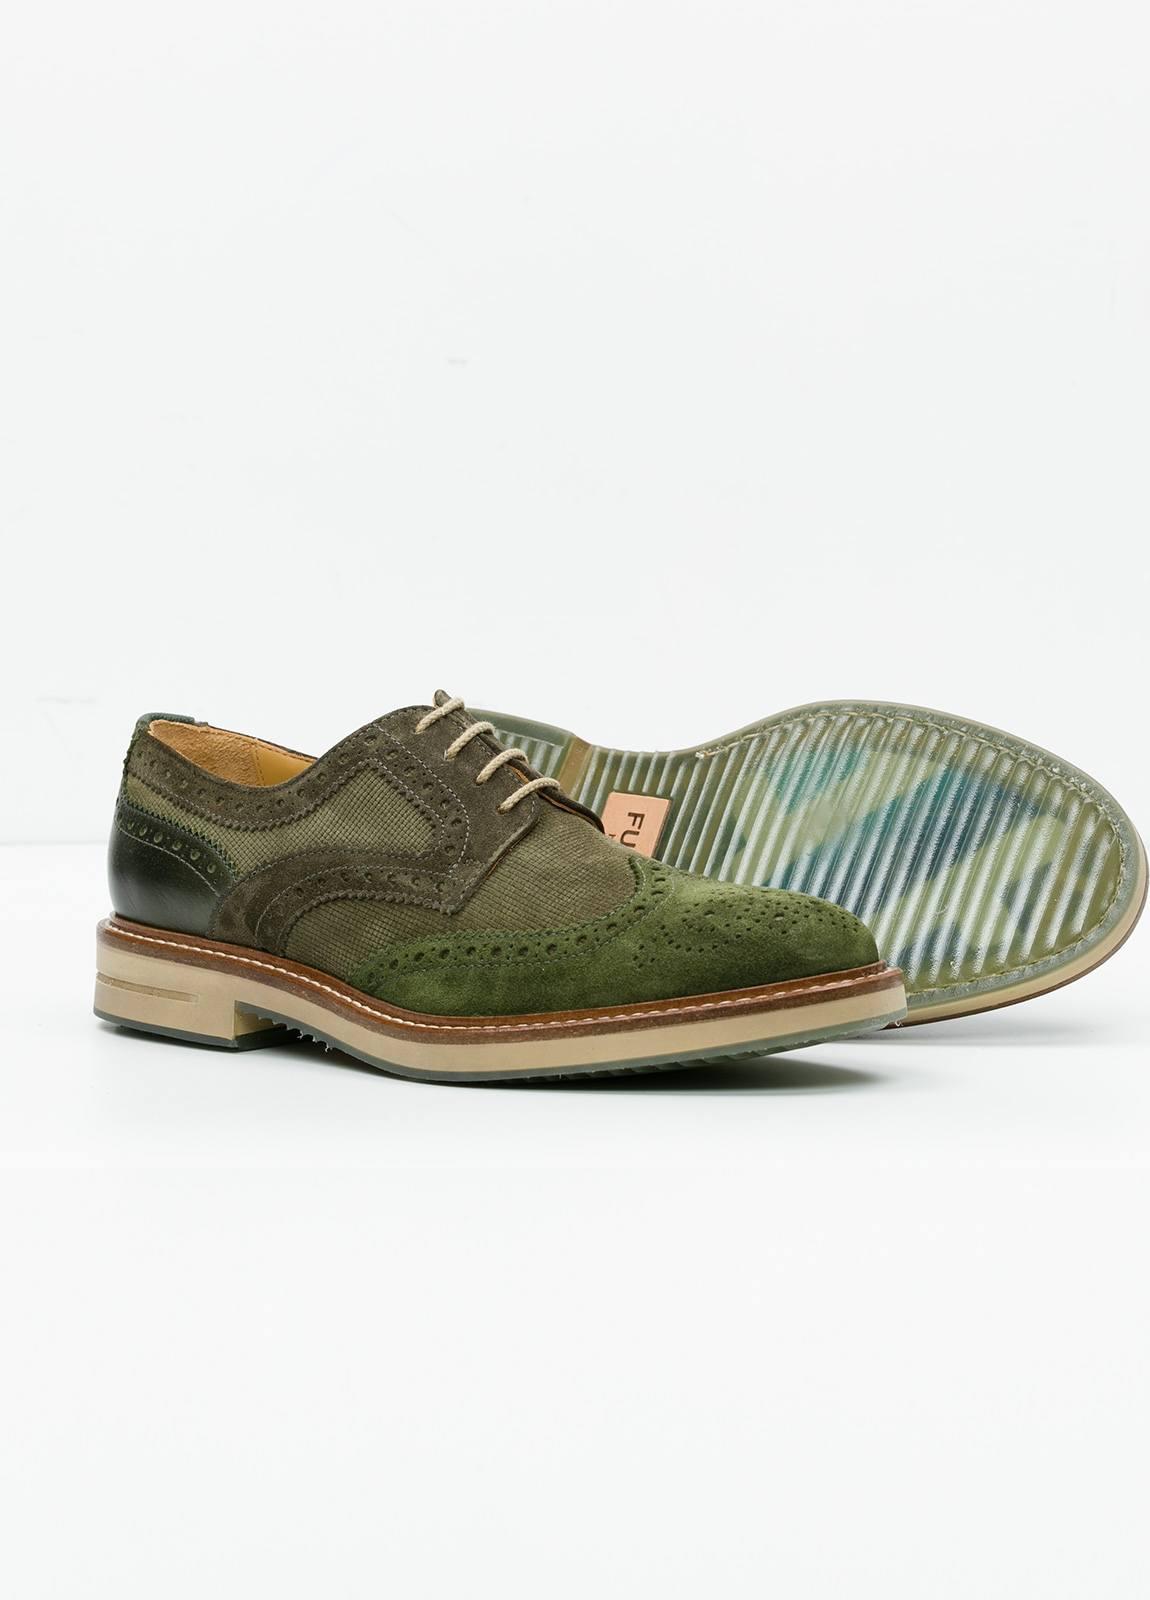 Zapato Sport Wear color kaki. Combinación de serraje y piel con troquelado. - Ítem4